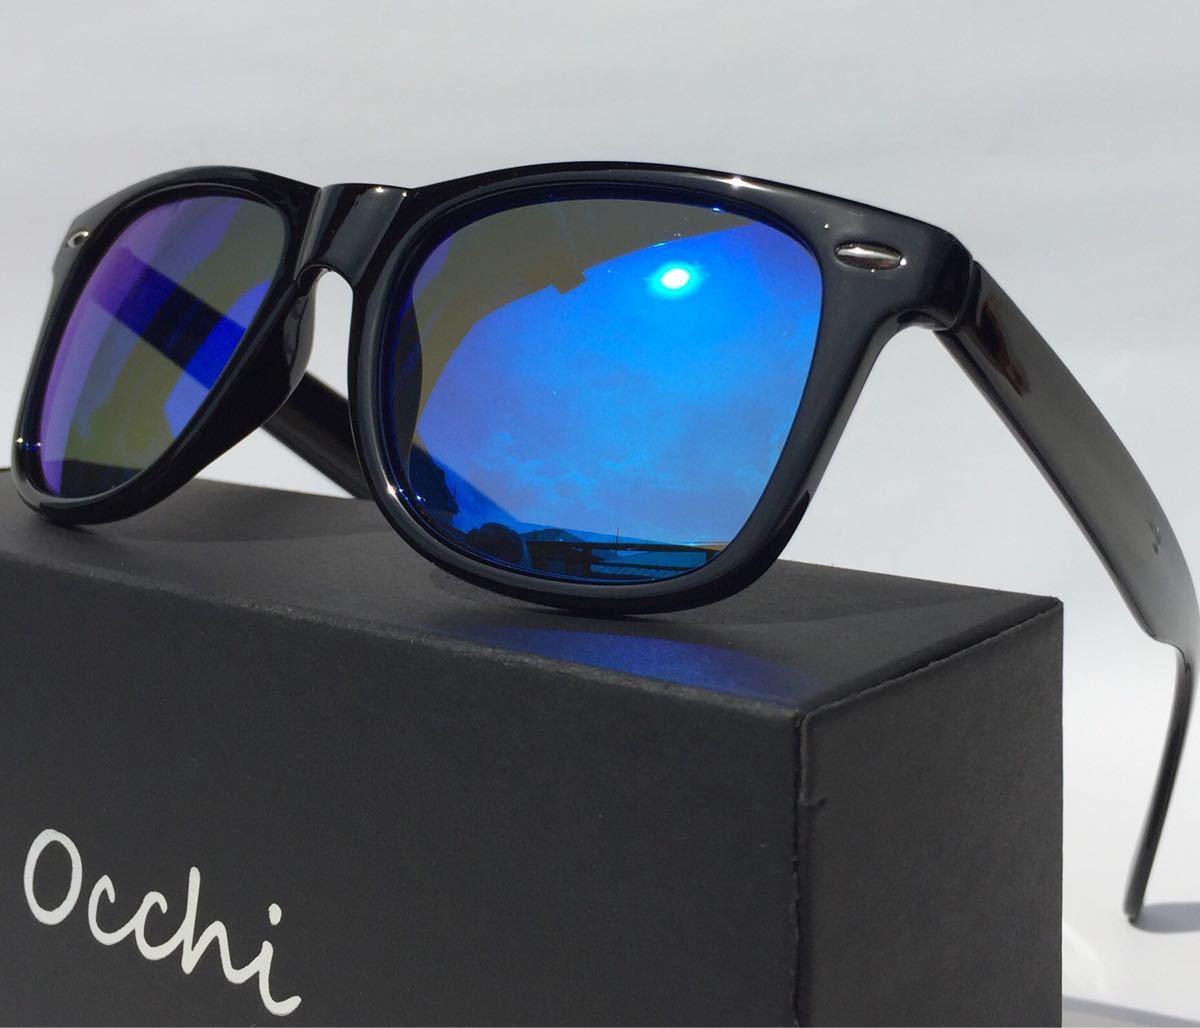 新品 OCCHI 偏光サングラス 偏光レンズUV400 軽量  ブルーミラー